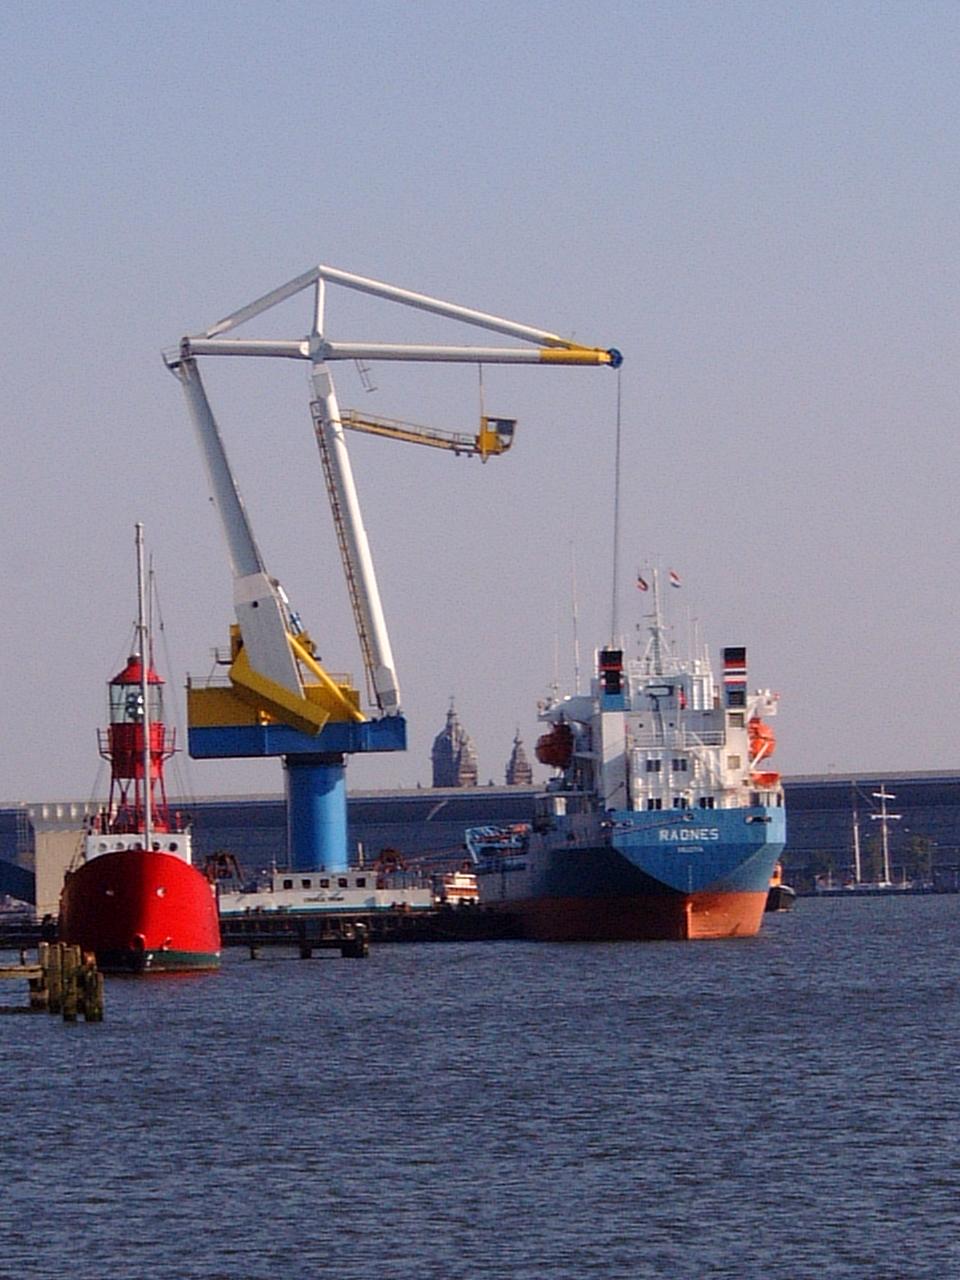 maartent industry dock docks ships cargo cranes loading unloading